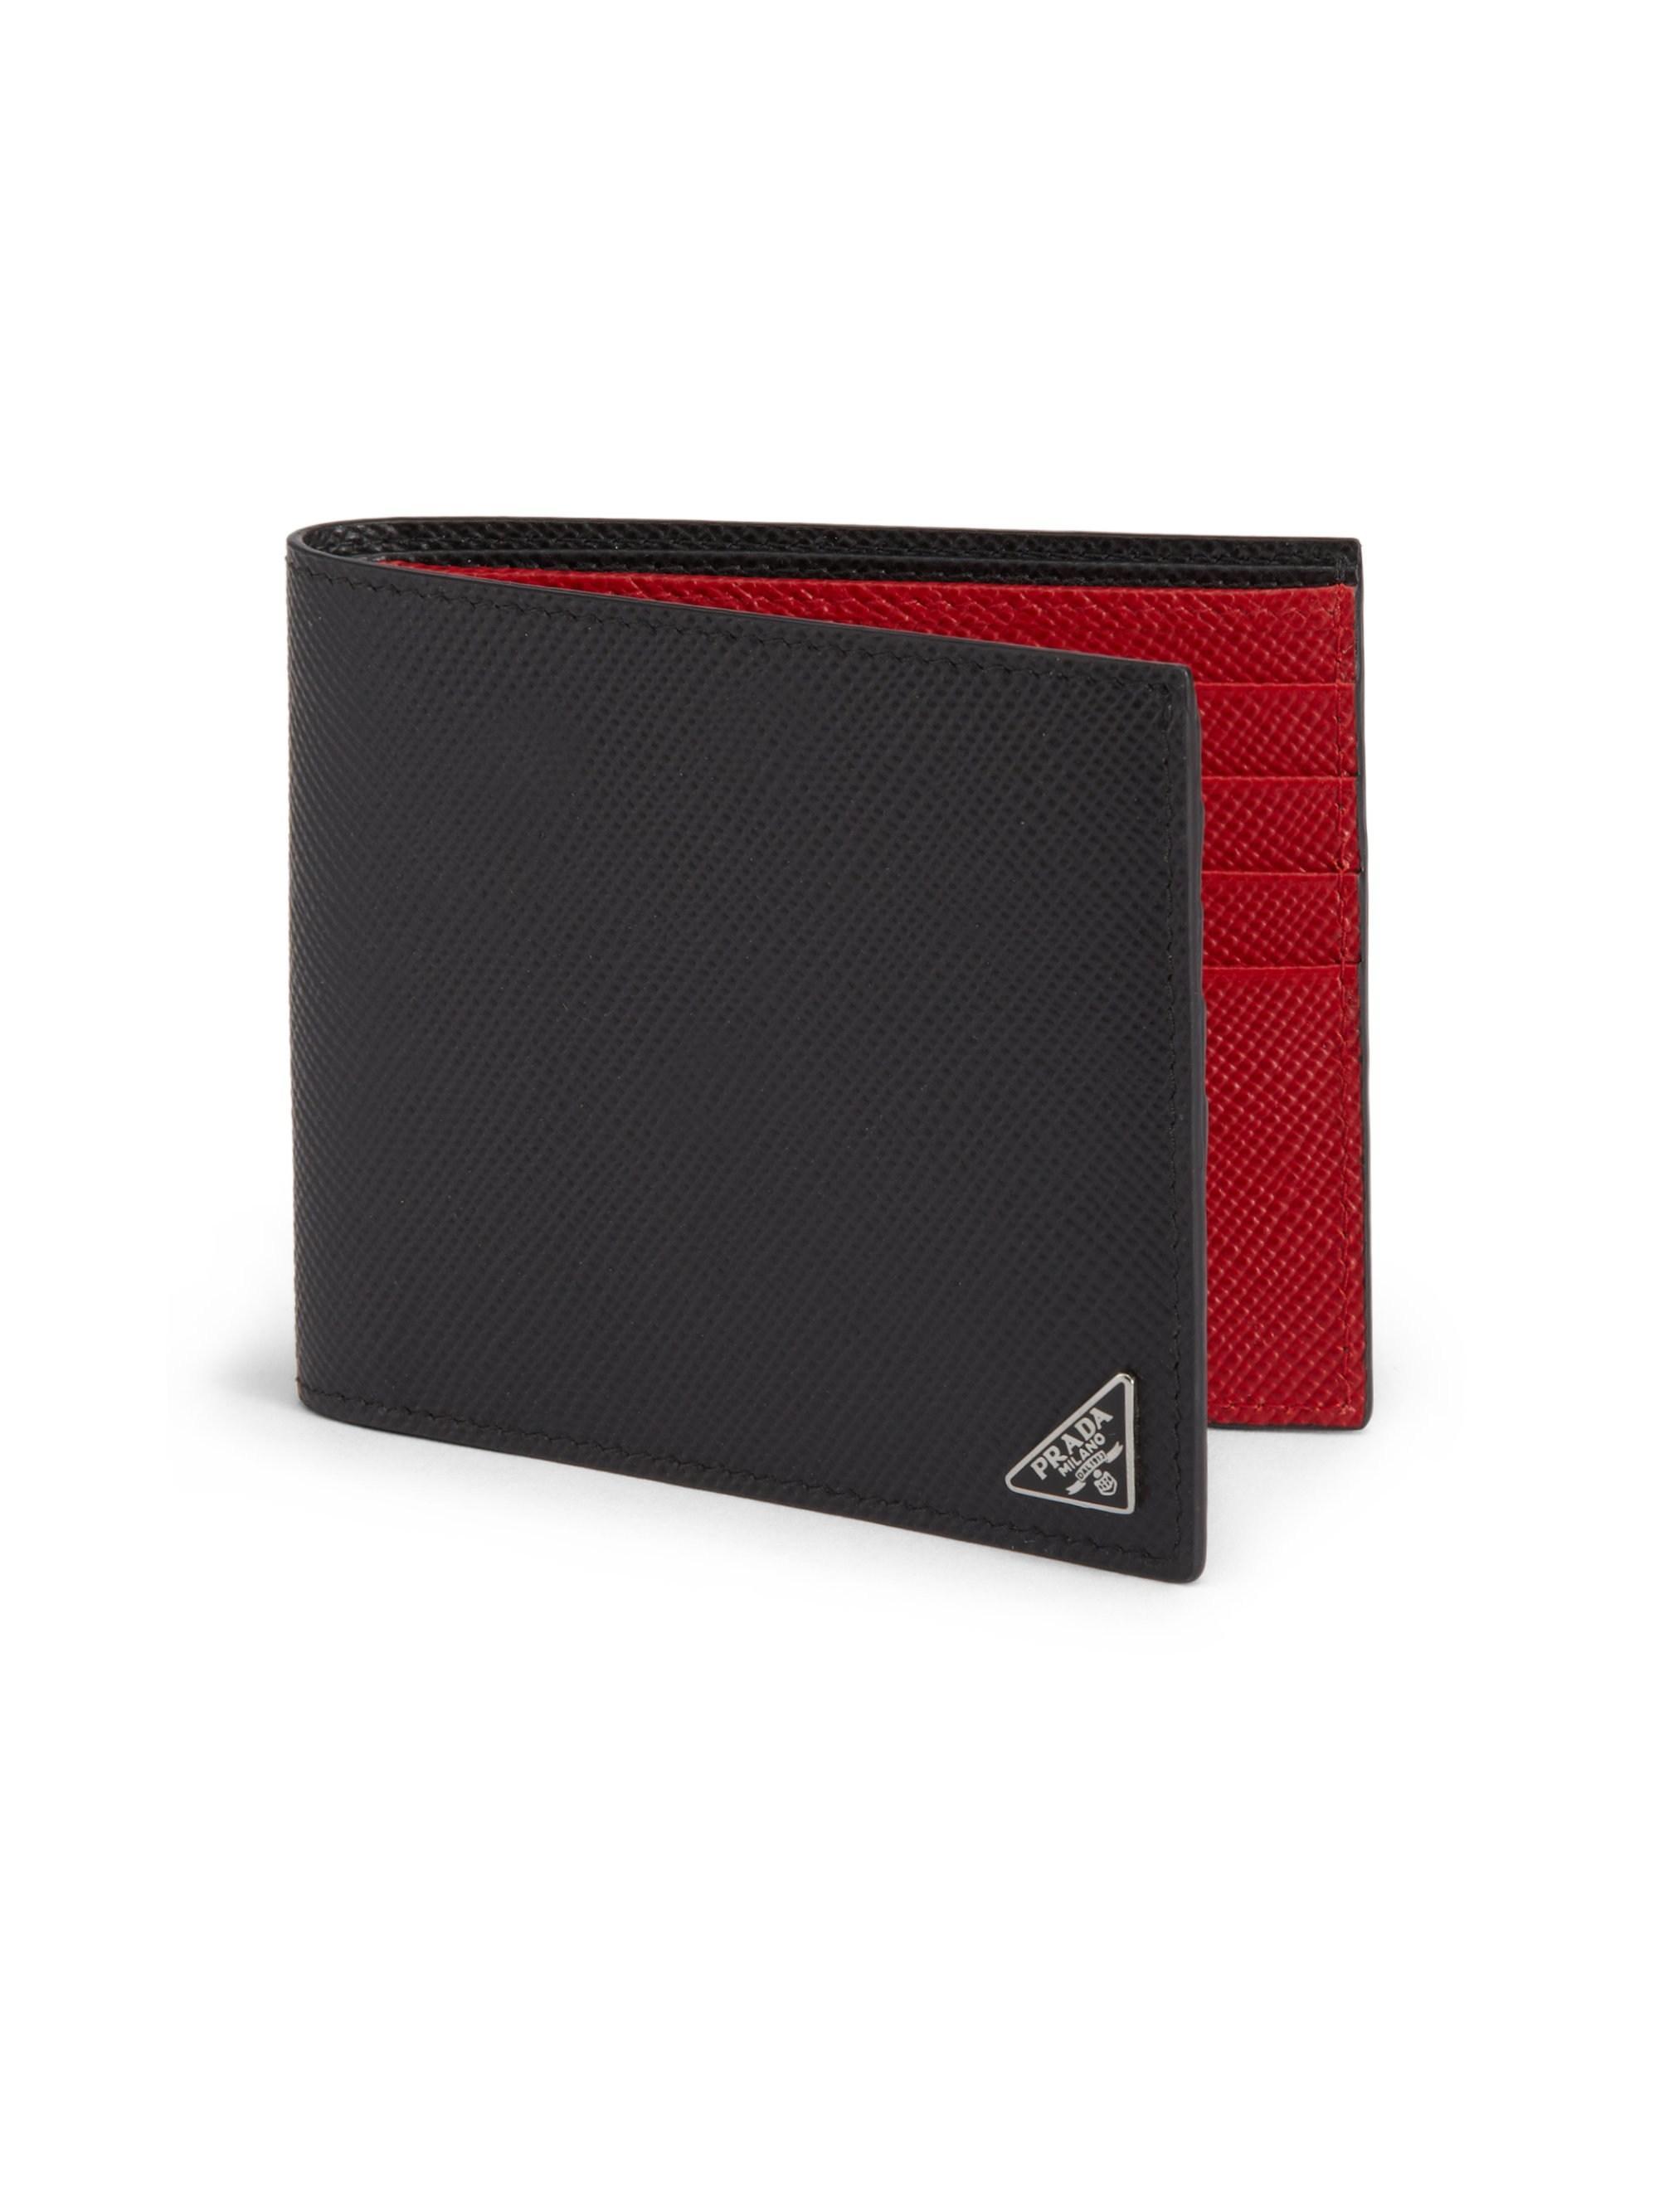 f63e847e4097 Prada Men's Saffiano Cuir Billfold Wallet - Black/red in Black for ...